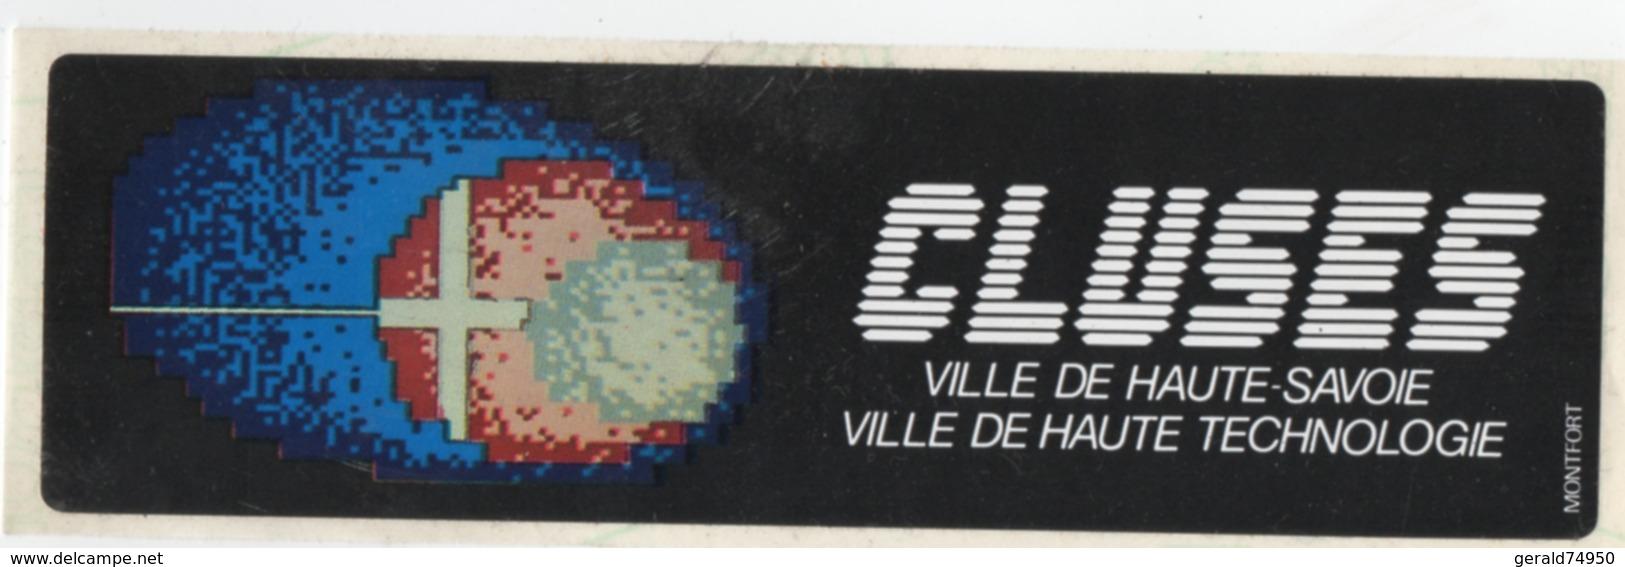 Autocollant Ville De Cluses (74) - Autocollants